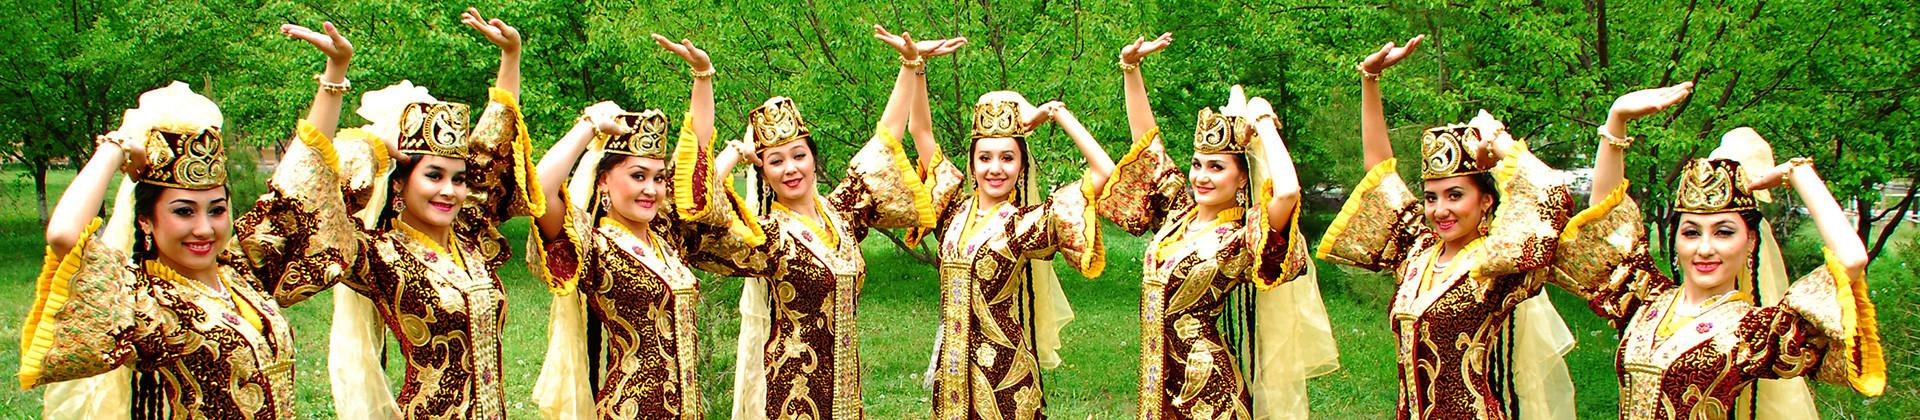 Этнический городок в Ташкенте: полное погружение в историю Узбекистана - 1